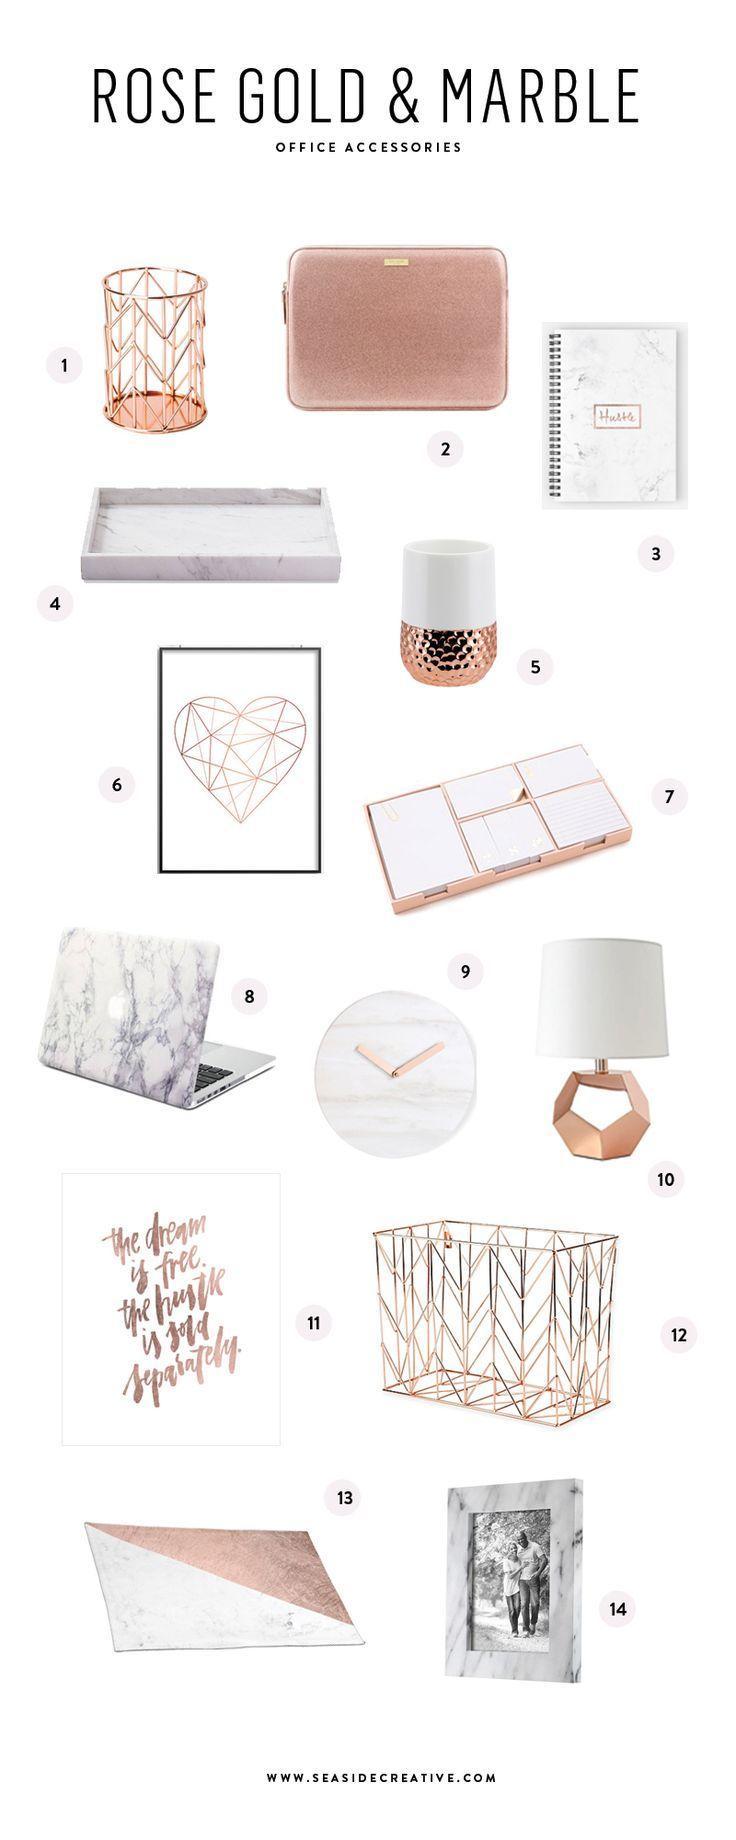 Holen Sie sich den Look: U Brands Pencil Cup, Wire Metal, Kupfer Glitter Sleeve für 13 … #brands #glitter #holen #kupfer #metal #pencil #sleeve